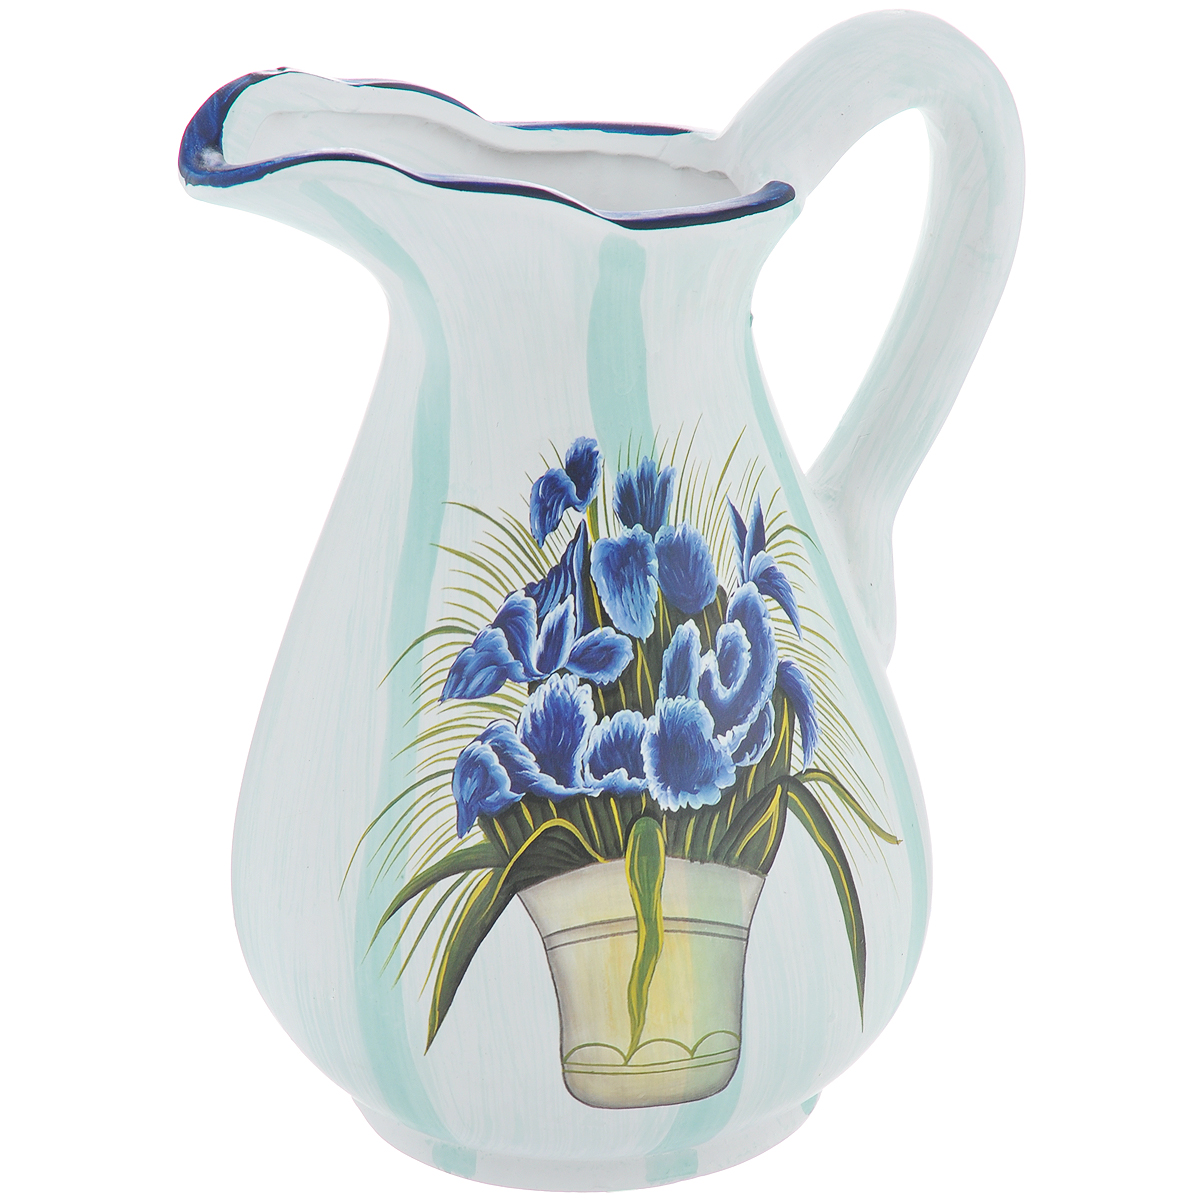 Ваза Lillo Синие цветы, высота 25 смFS-91909Элегантная ваза Lillo Синие цветы выполнена из высококачественной керамики в виде кувшина и декорирована рисунком. Она придется по вкусу и ценителям классики, и тем, кто предпочитает утонченность и изящность. Вы можете поставить вазу в любом месте, где она будет удачно смотреться и радовать глаз. Такая ваза подойдет и для цветов, и для декора интерьера. Кроме того - это отличный вариант подарка для ваших близких и друзей. Высота вазы: 25 см.Диаметр по верхнему краю: 6 см.Диаметр основания: 11,5 см.